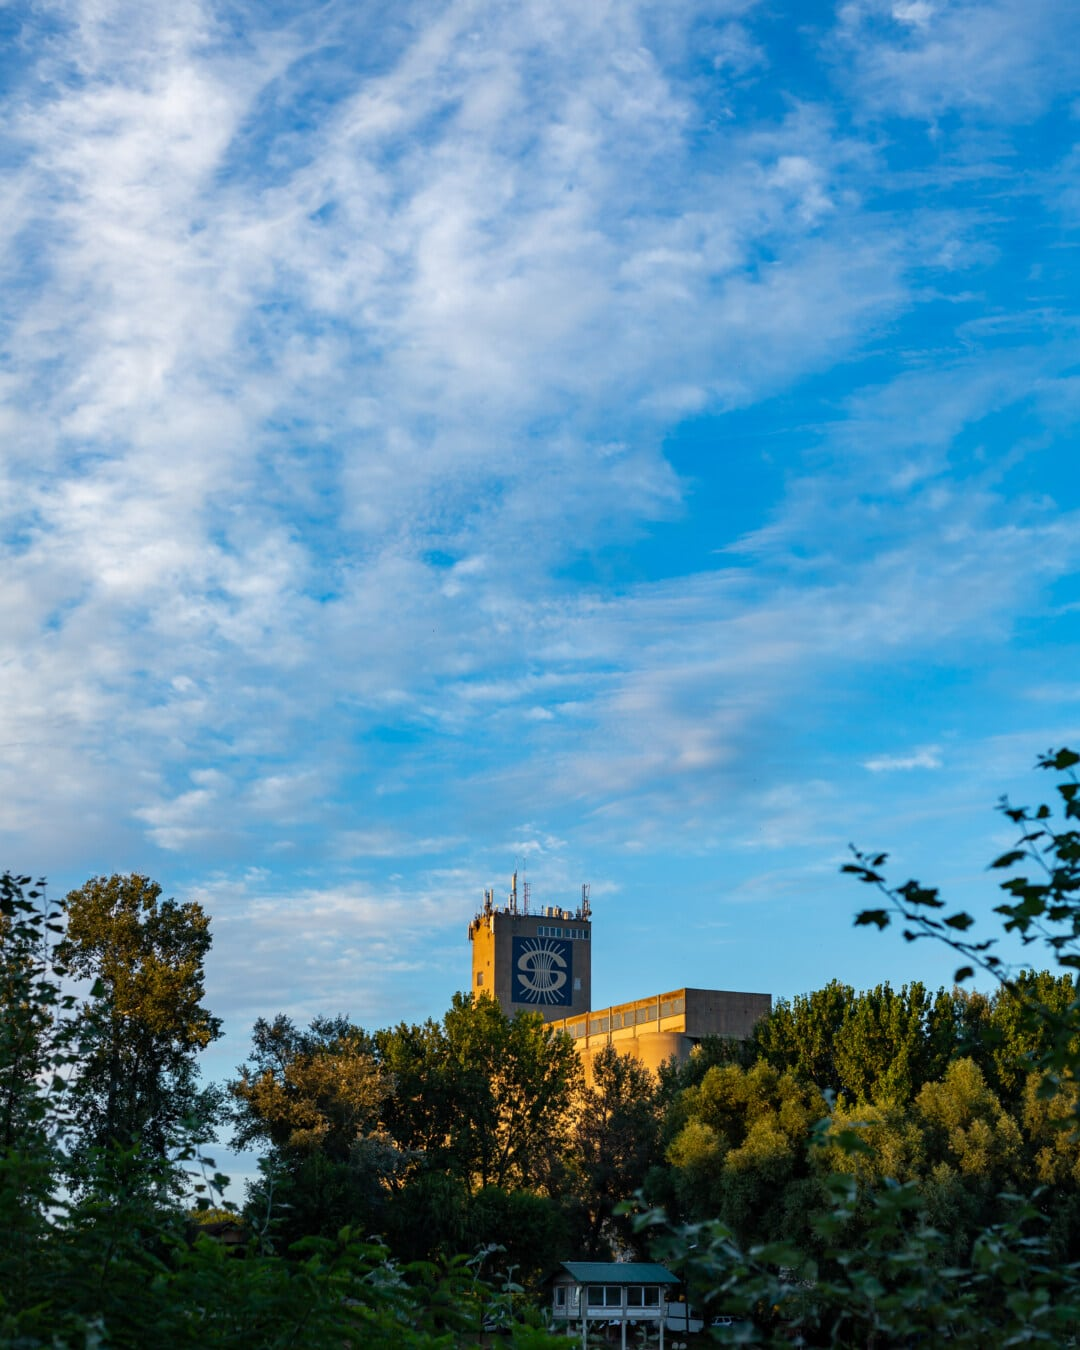 Factory, silo, bâtiment, secteur d'activité, ciel bleu, paysage, architecture, à l'extérieur, atmosphère, nature